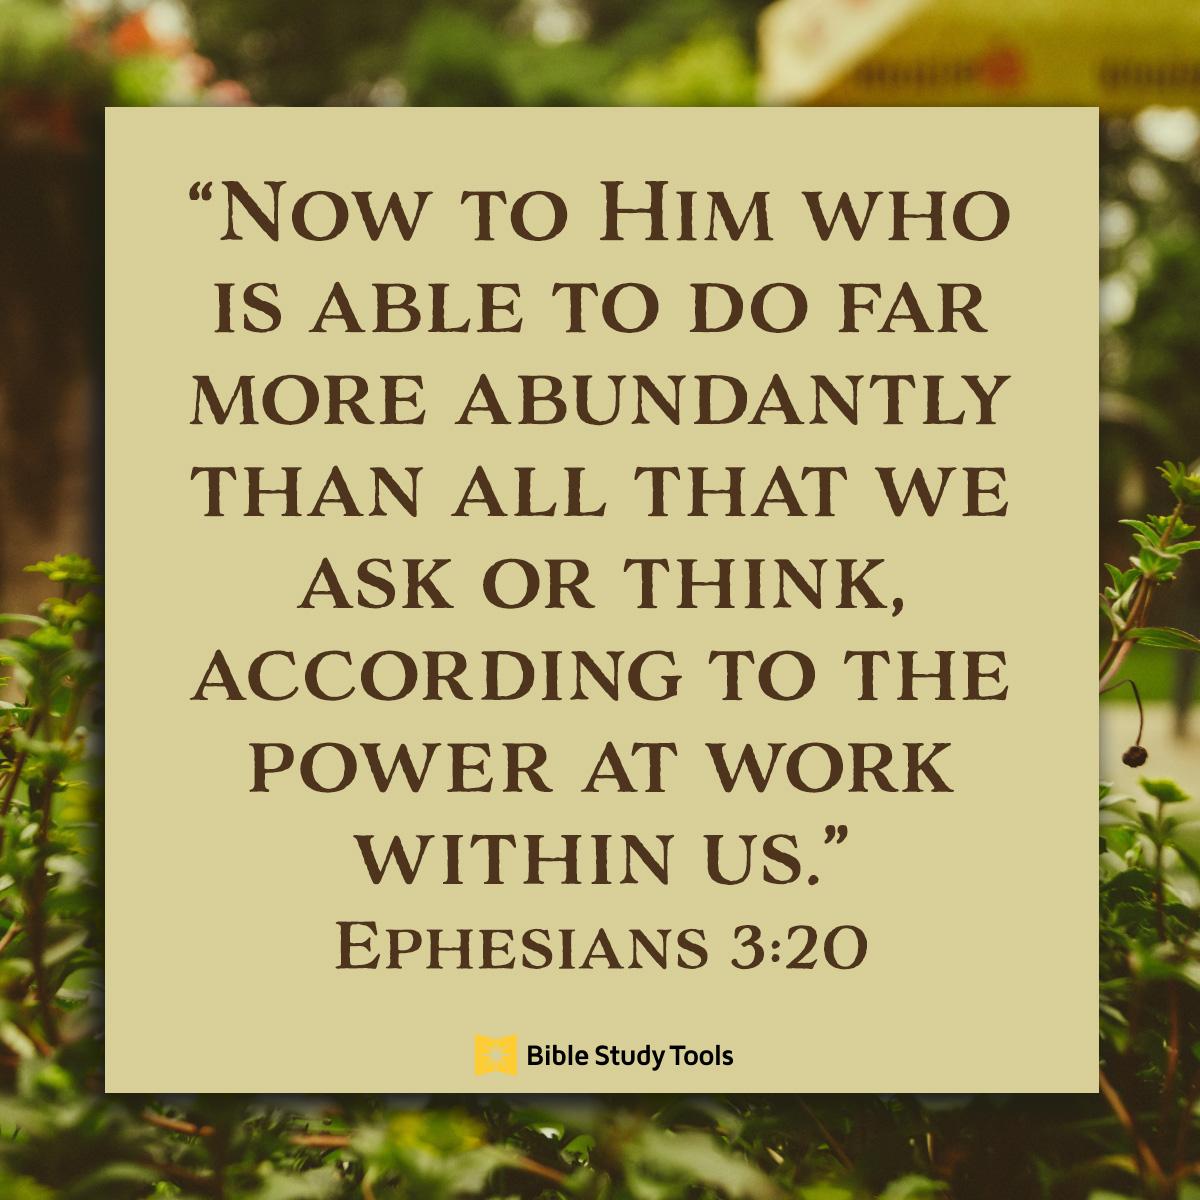 Ephesians 3:20, inspirational image